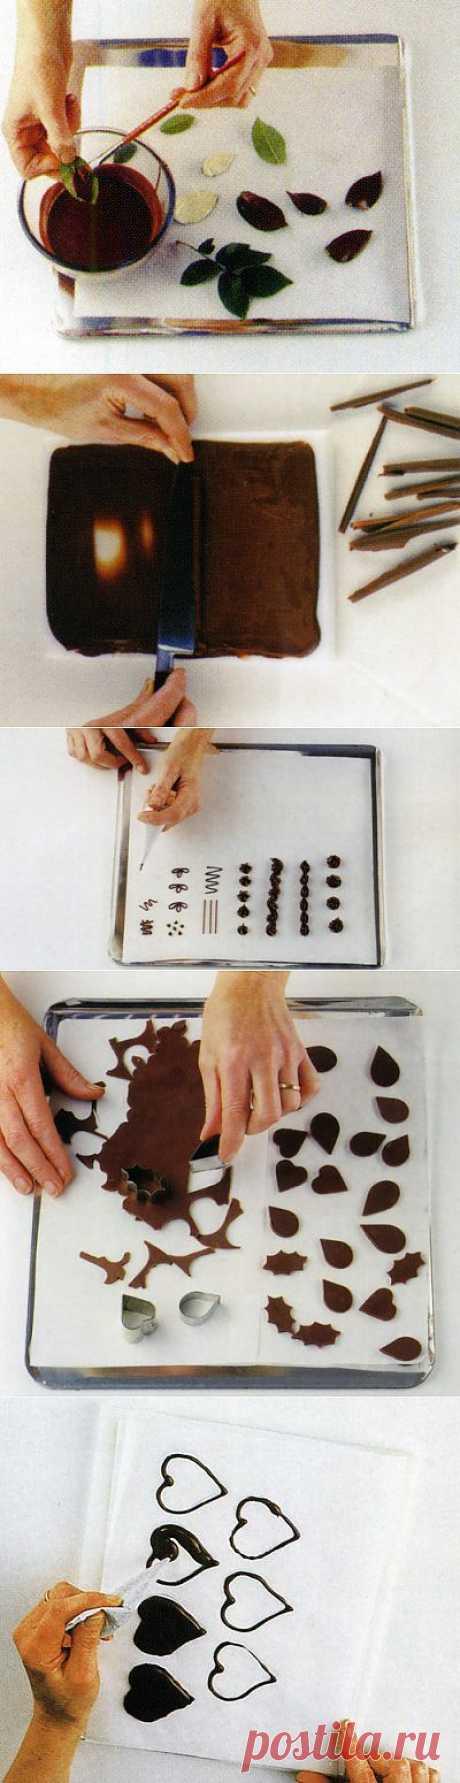 торт в домашних условиях - украшаем листиками, завитками, фигурками из шоколада - торты в домашних условиях - кулинарные рецепты с фото - кулинарные рецепты с фотографиями